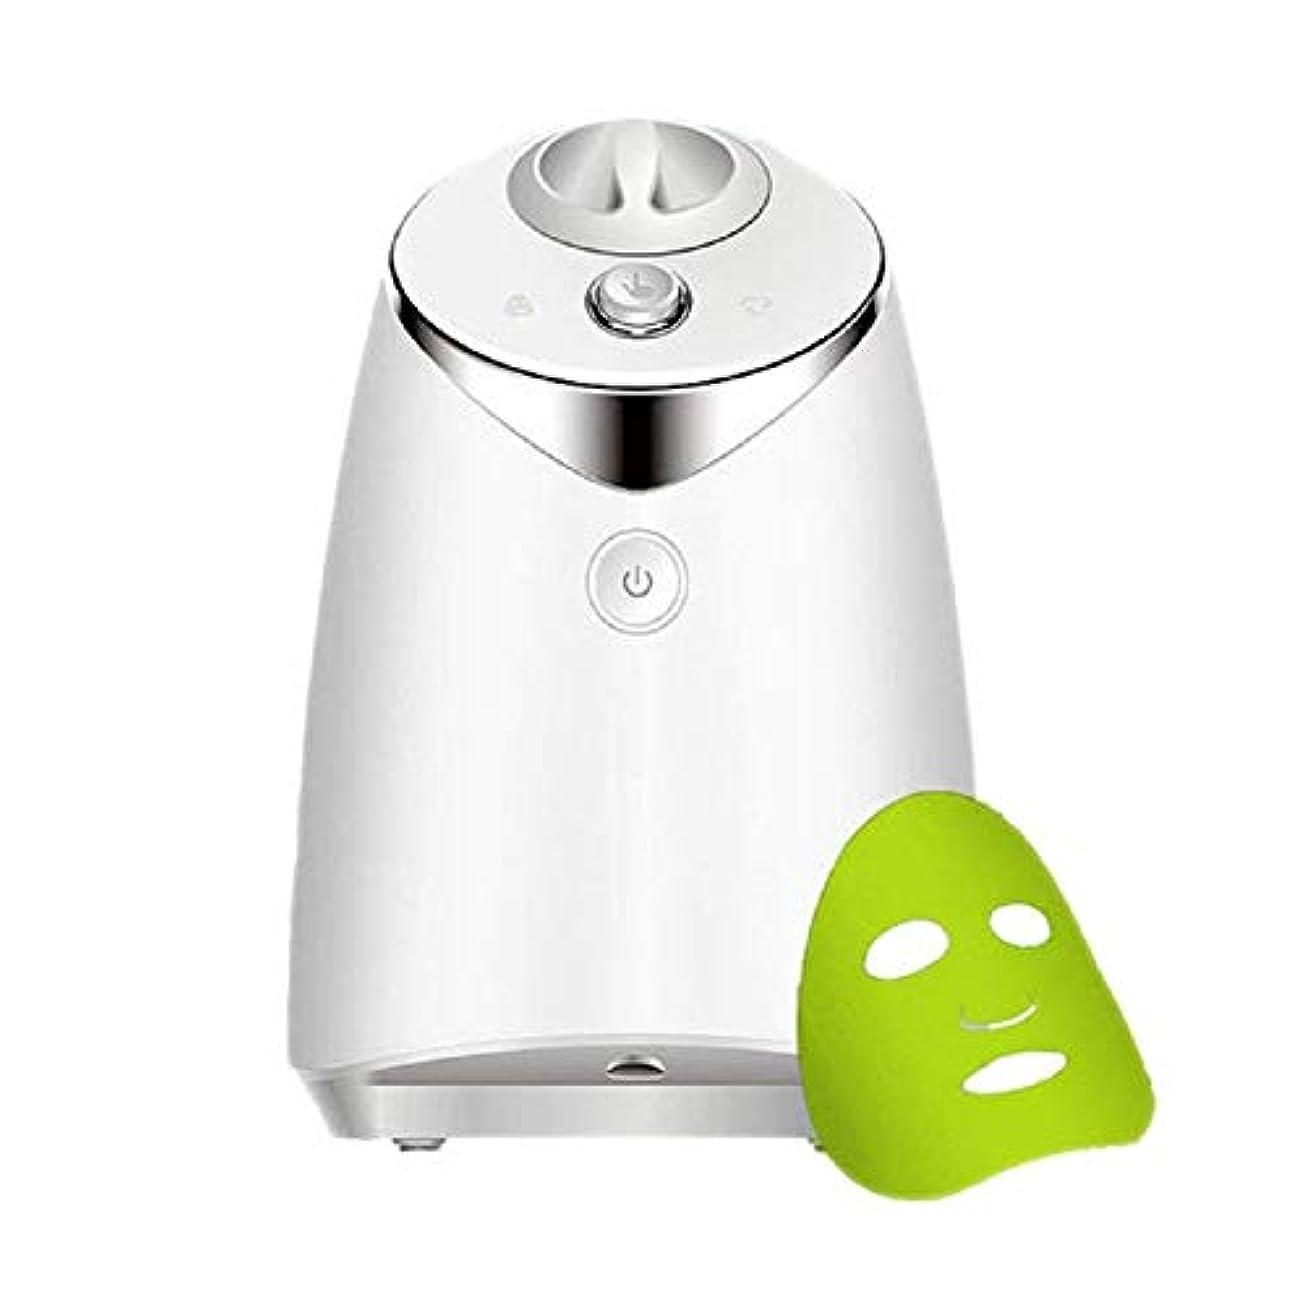 悲惨な放散する有彩色のフルーツと野菜マスク製造機、フェイススチーマー100%ナチュラル自家製自動美容器/インテリジェントな音声プロンプトワンボタンクリーニング